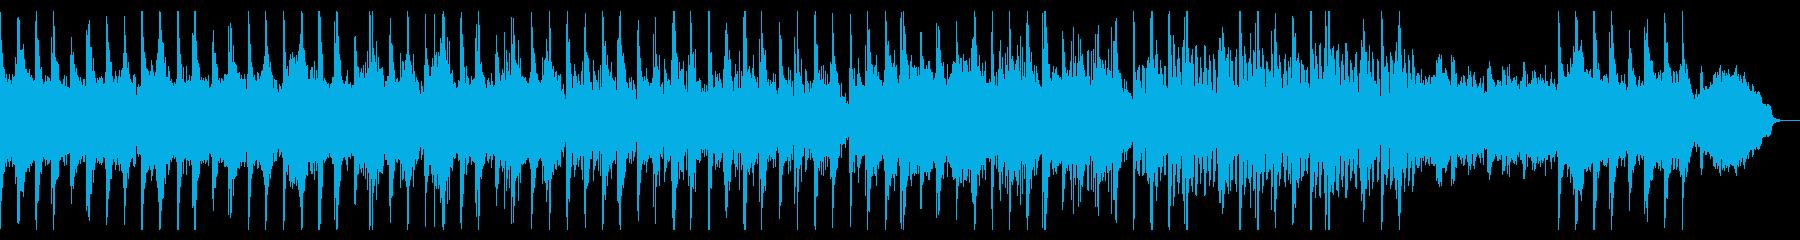 真剣な雰囲気の三味線曲の再生済みの波形